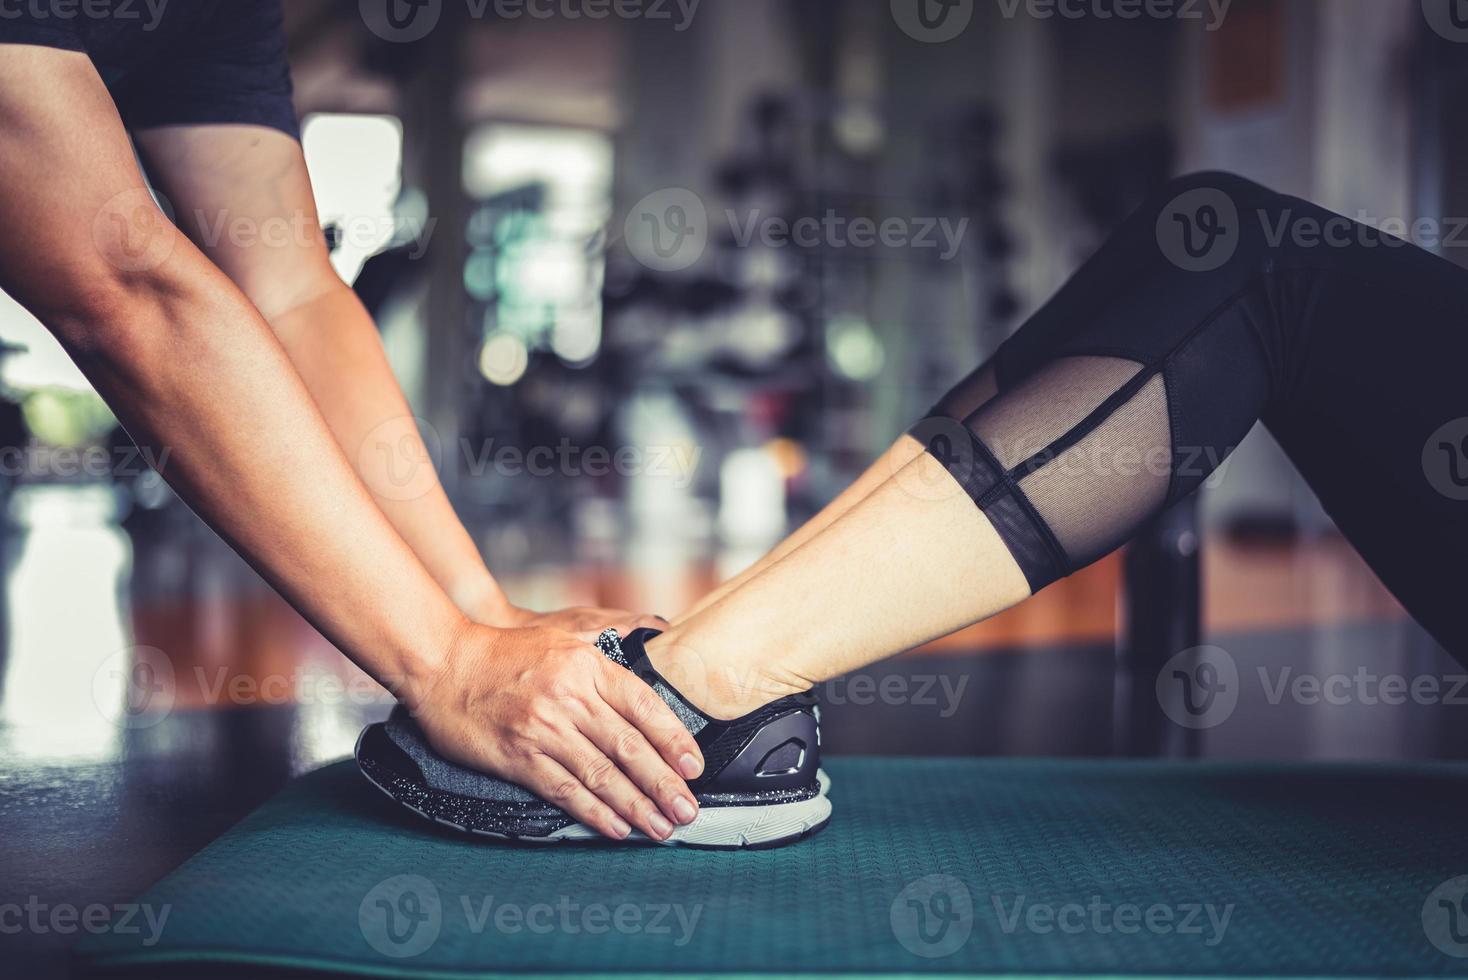 les mains d'un entraîneur de fitness aident une femme de fitness à s'entraîner à la torsion crunch photo